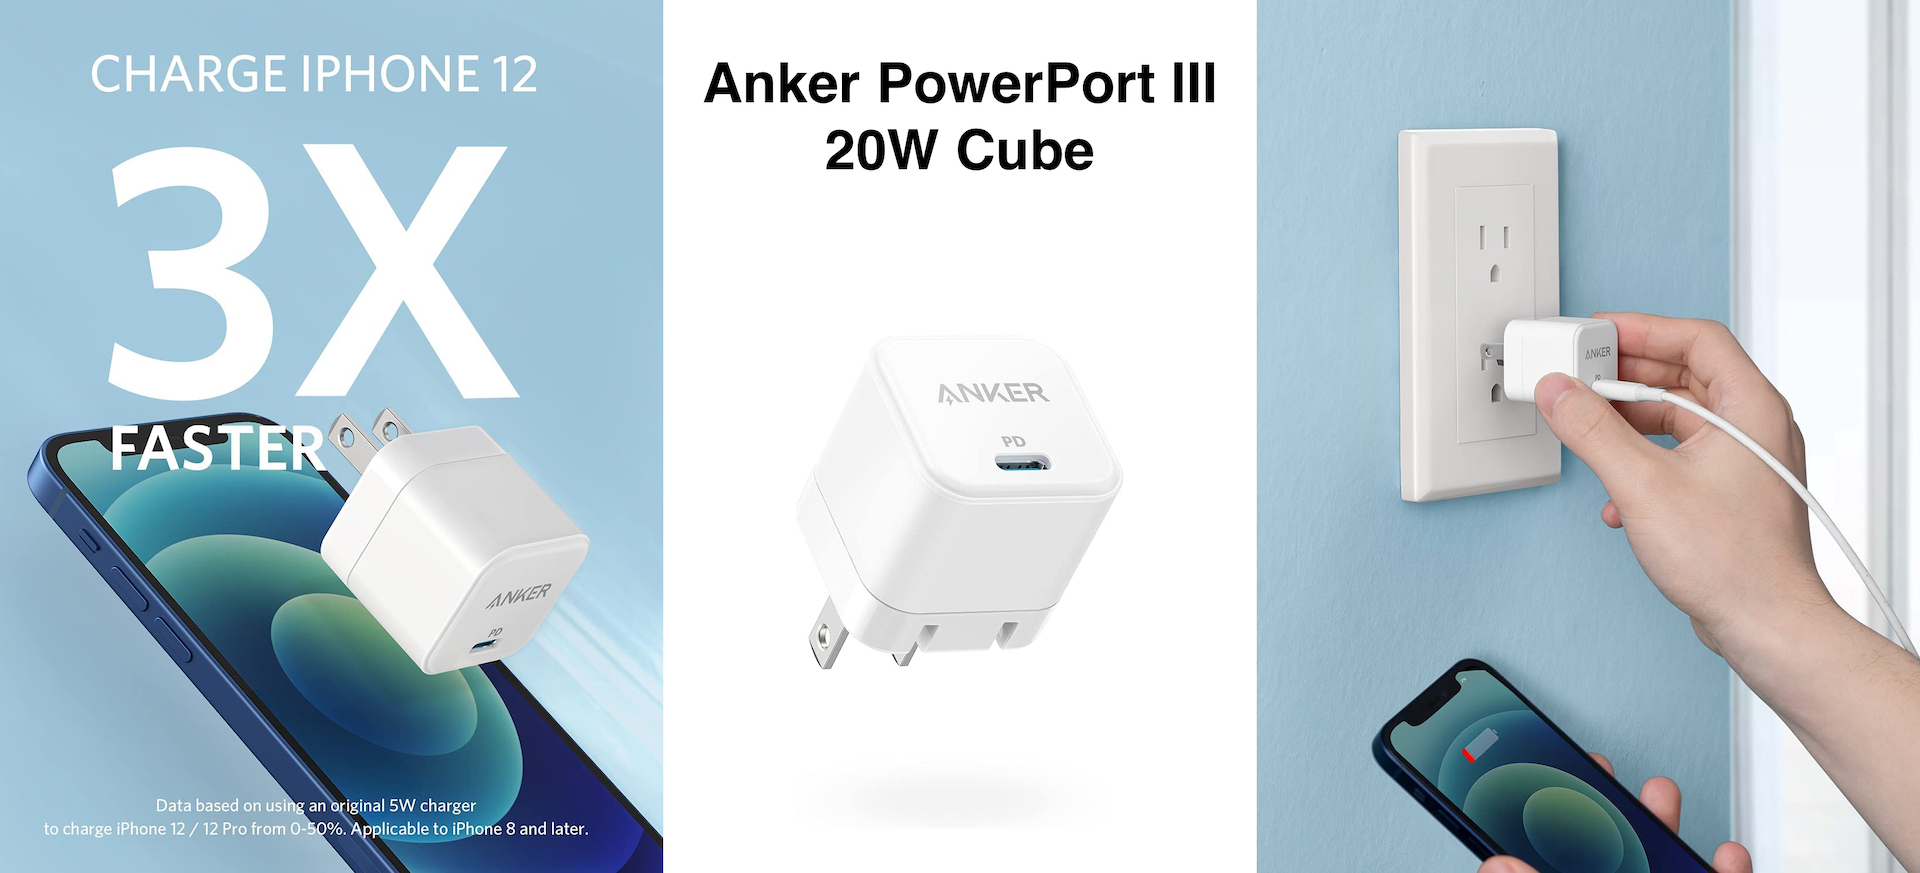 Anker PowerPort III 20W Cube A2149